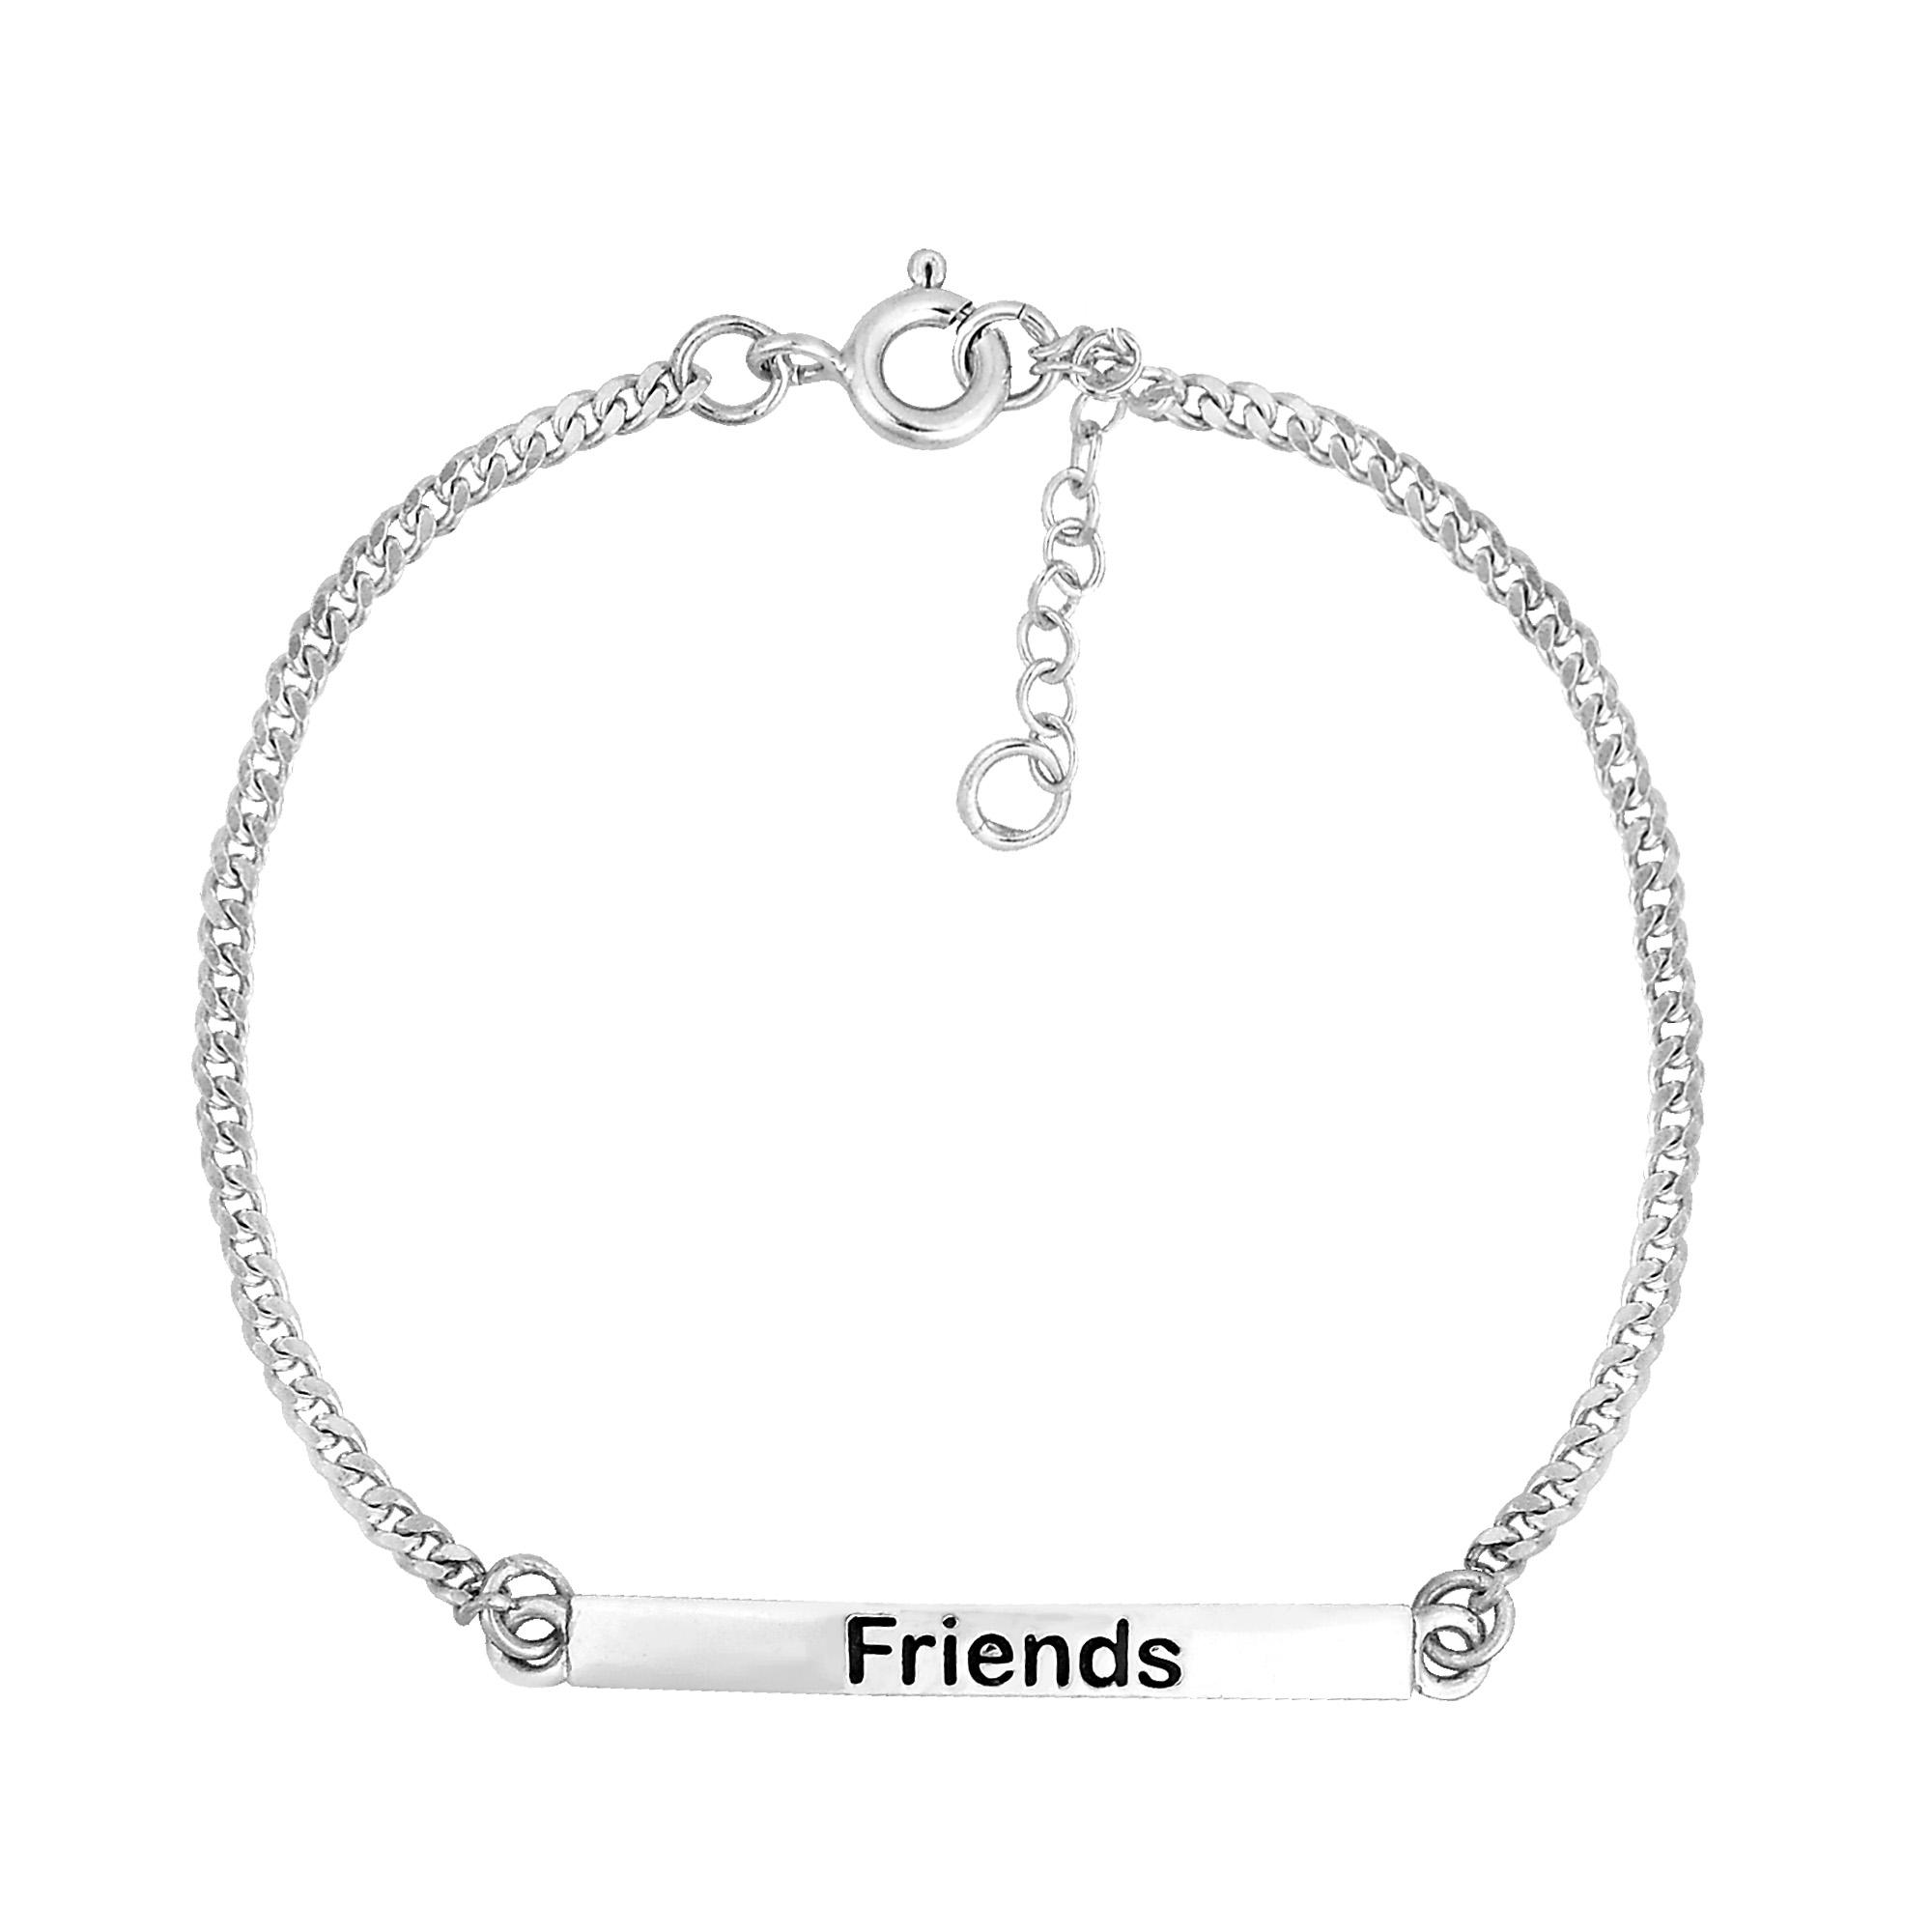 Friends Bar Sterling Silver Chain Friendship Bracelet